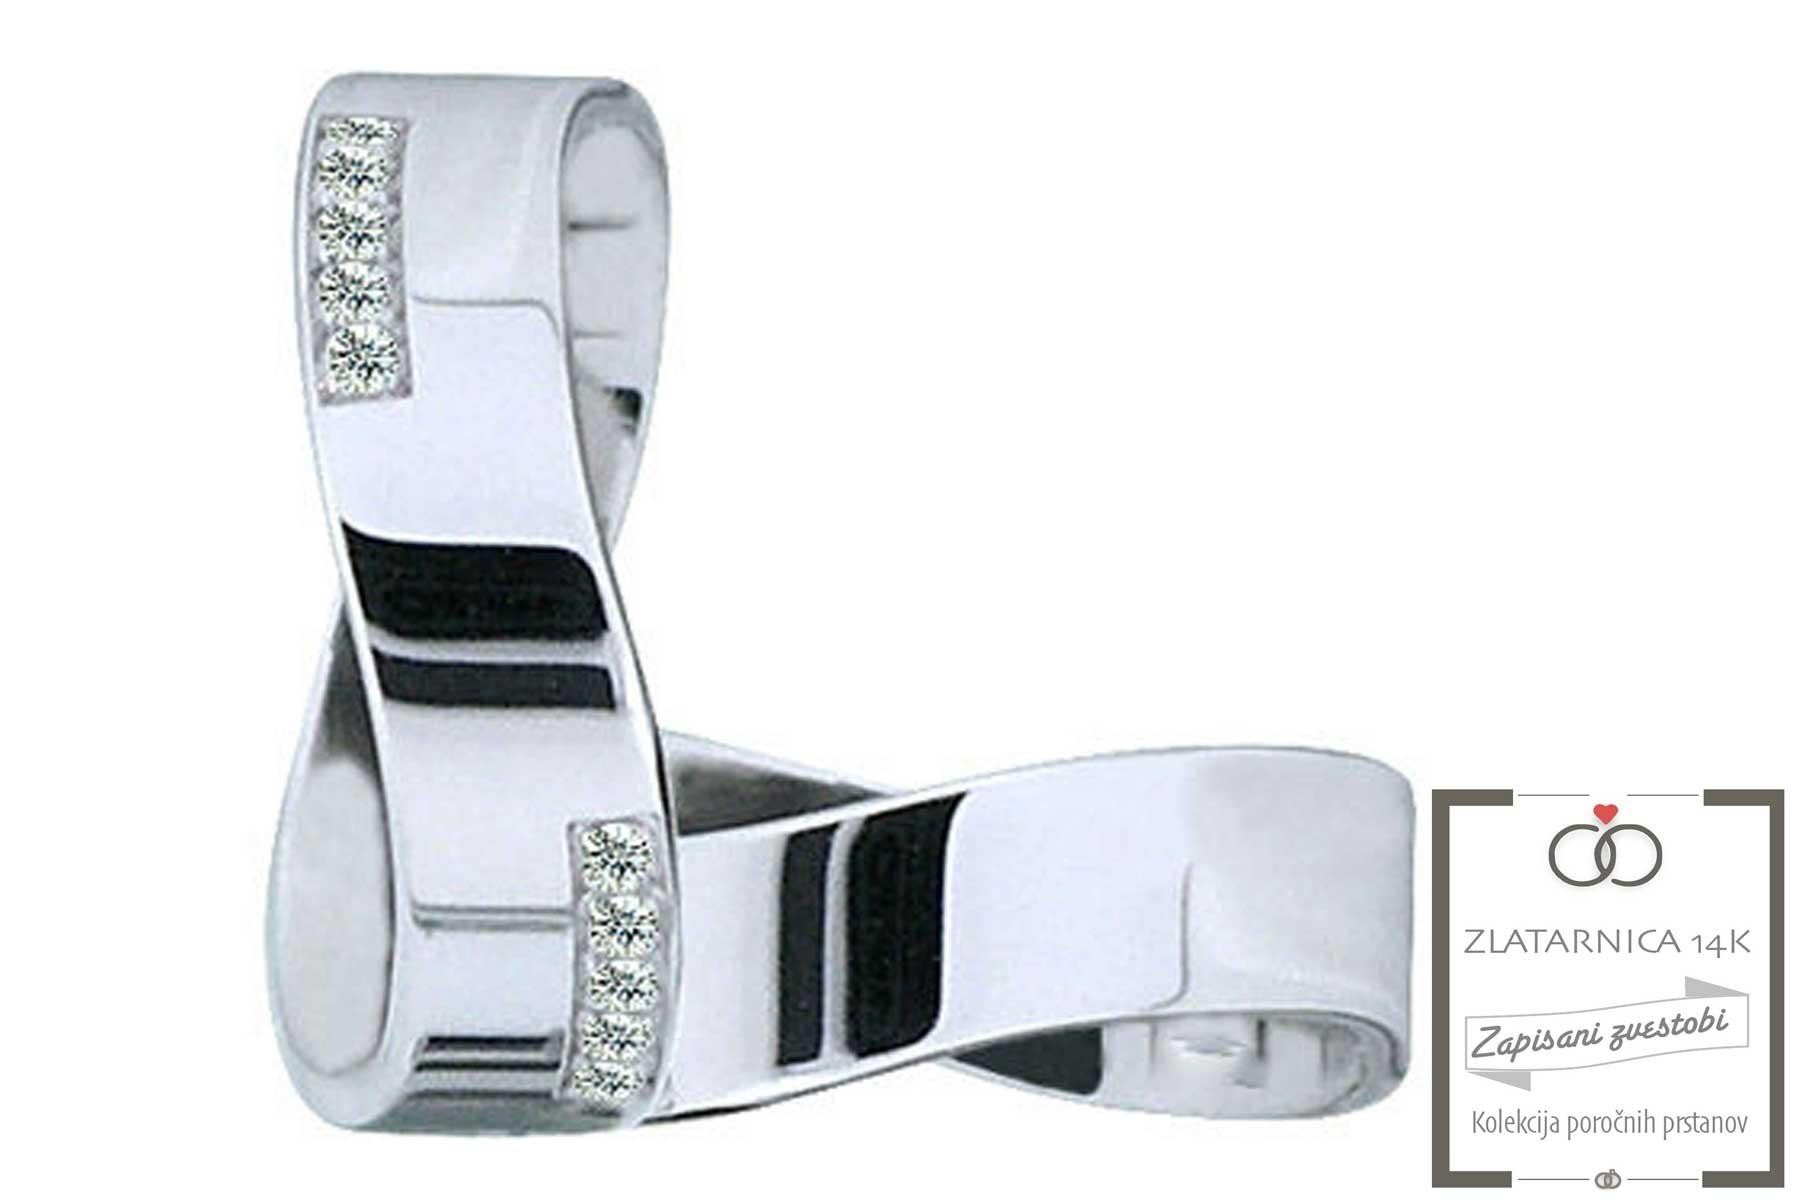 Poročna prstana 5A167